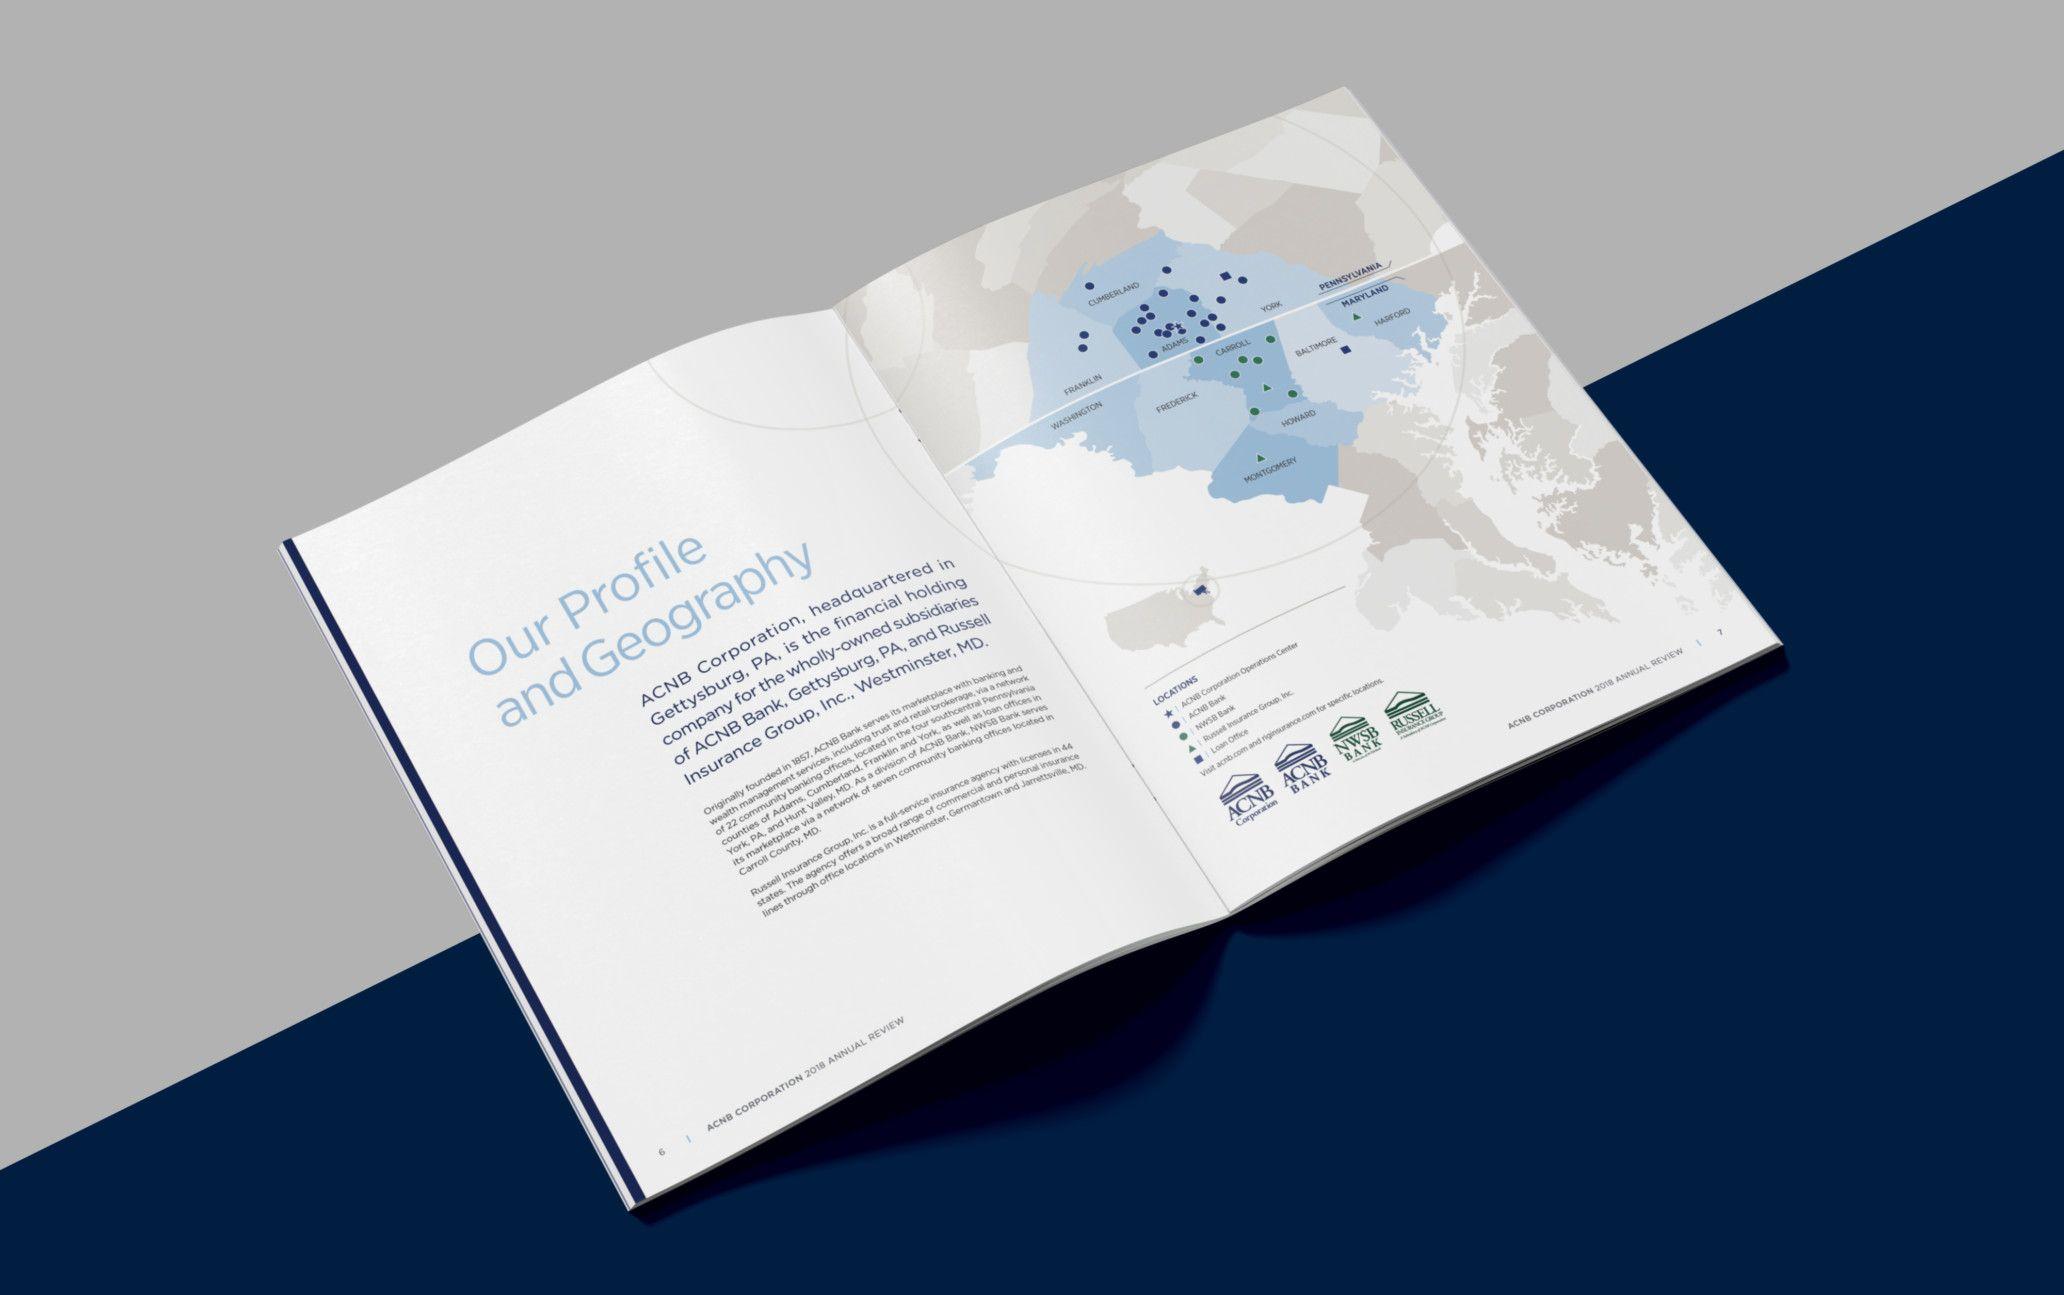 Acnb Annual Review Publication Design Publication Design